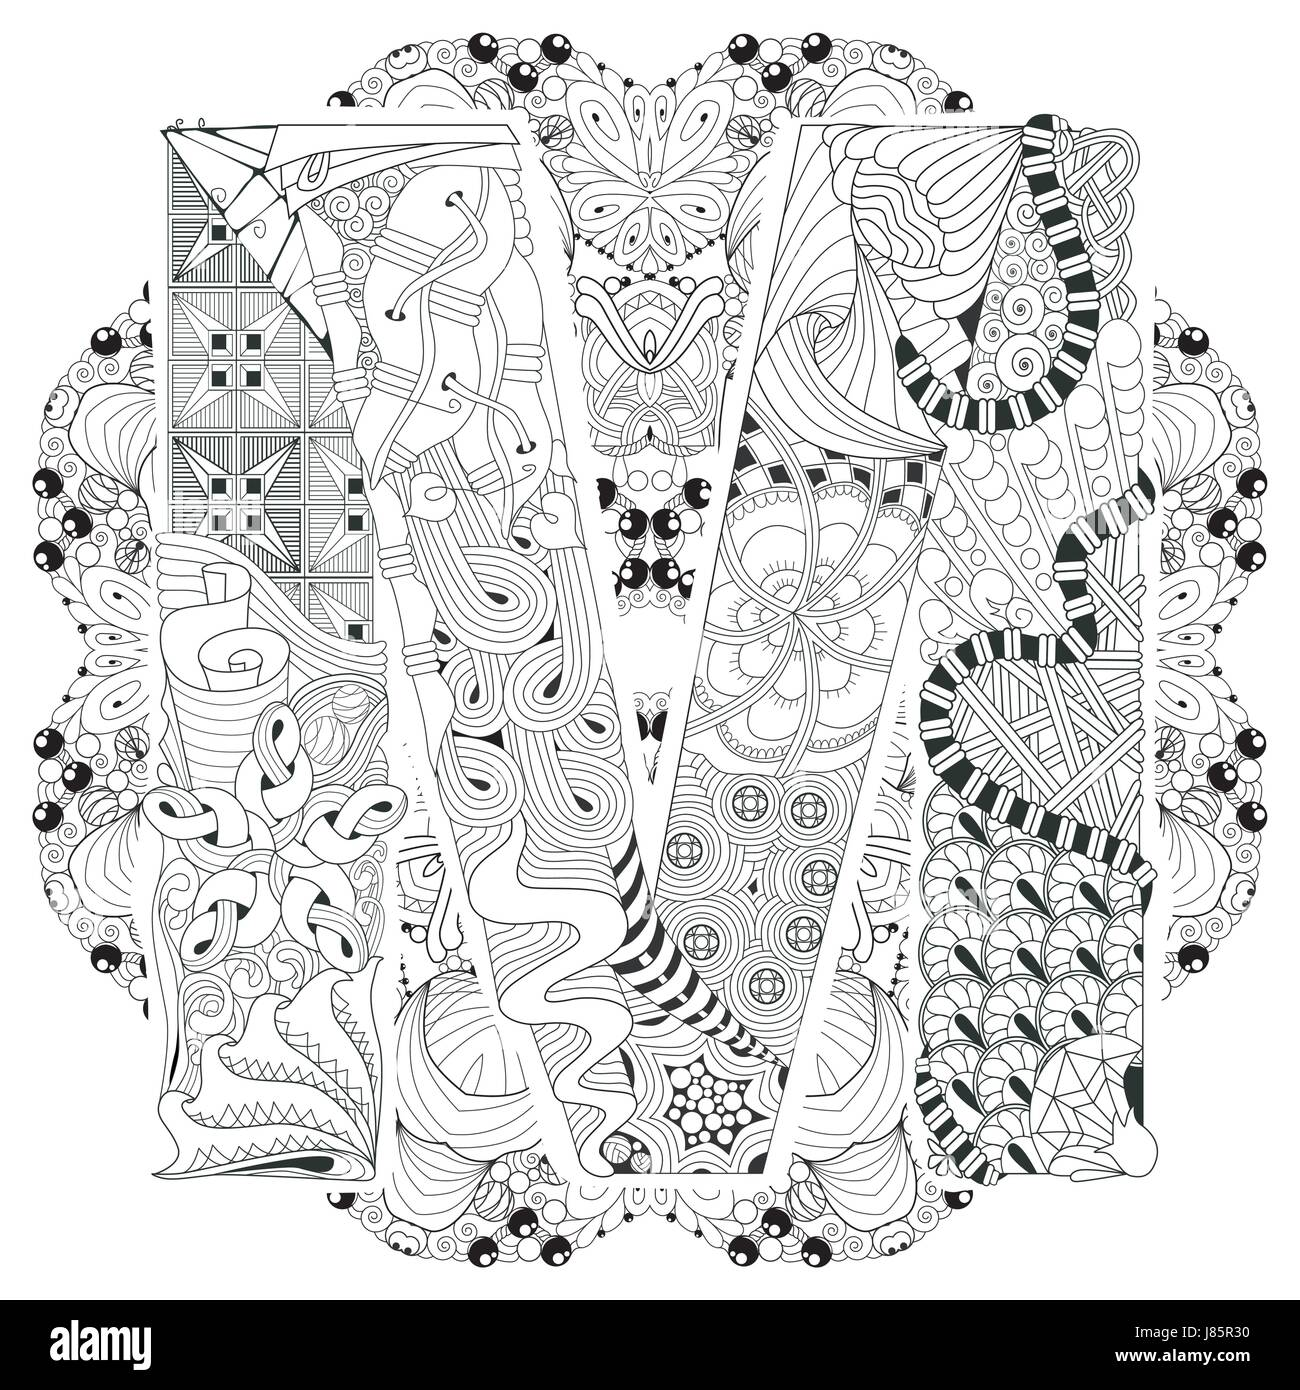 Erfreut Malvorlagen Von Harten Designs Bilder - Druckbare ...